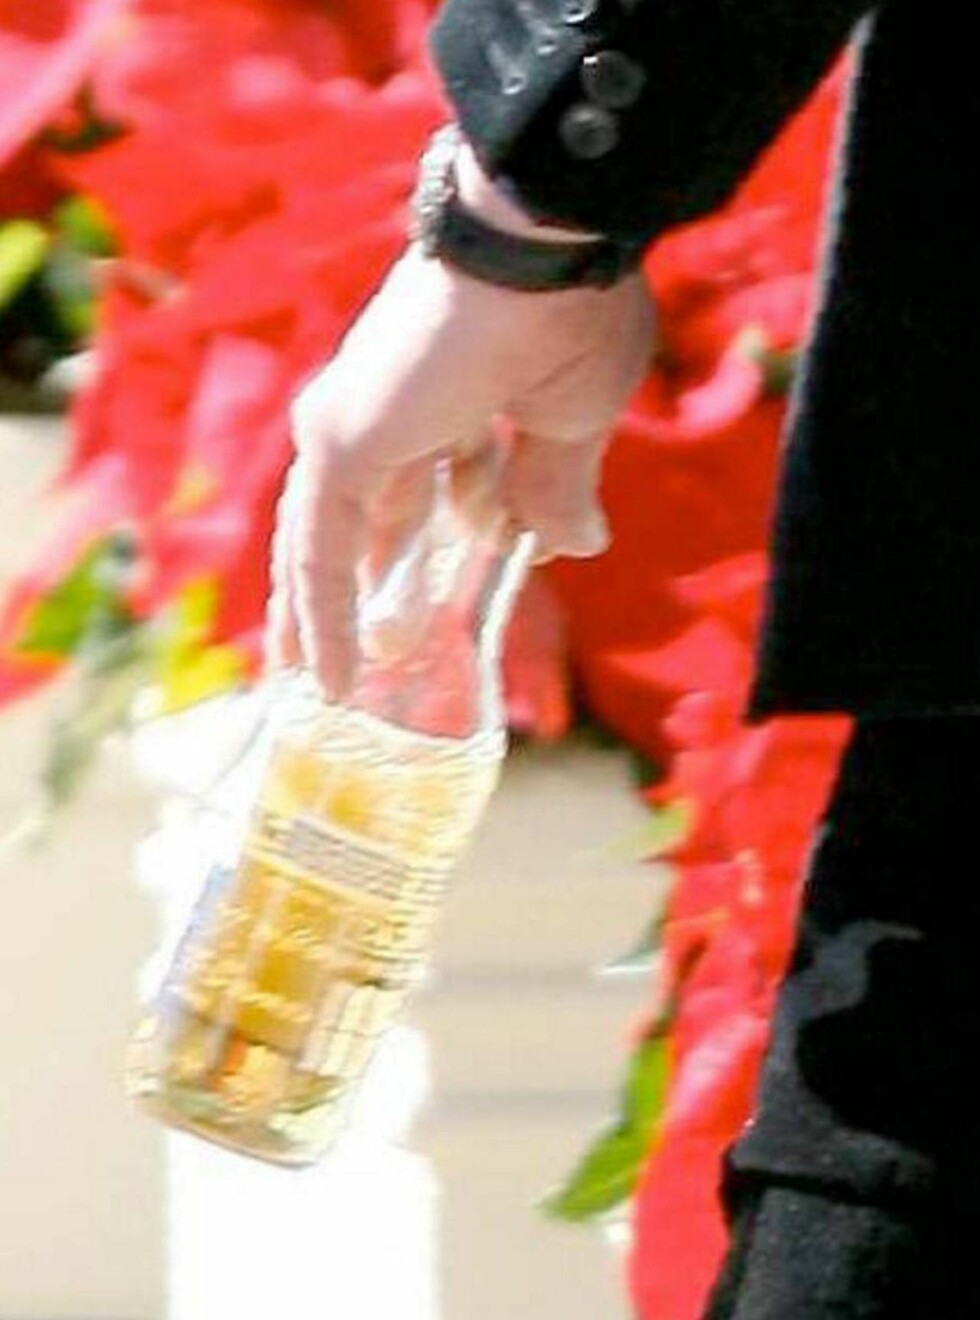 ONE FOR THE ROAD: Keanu nyter en kald øl i solskinnet. Foto: All Over Press